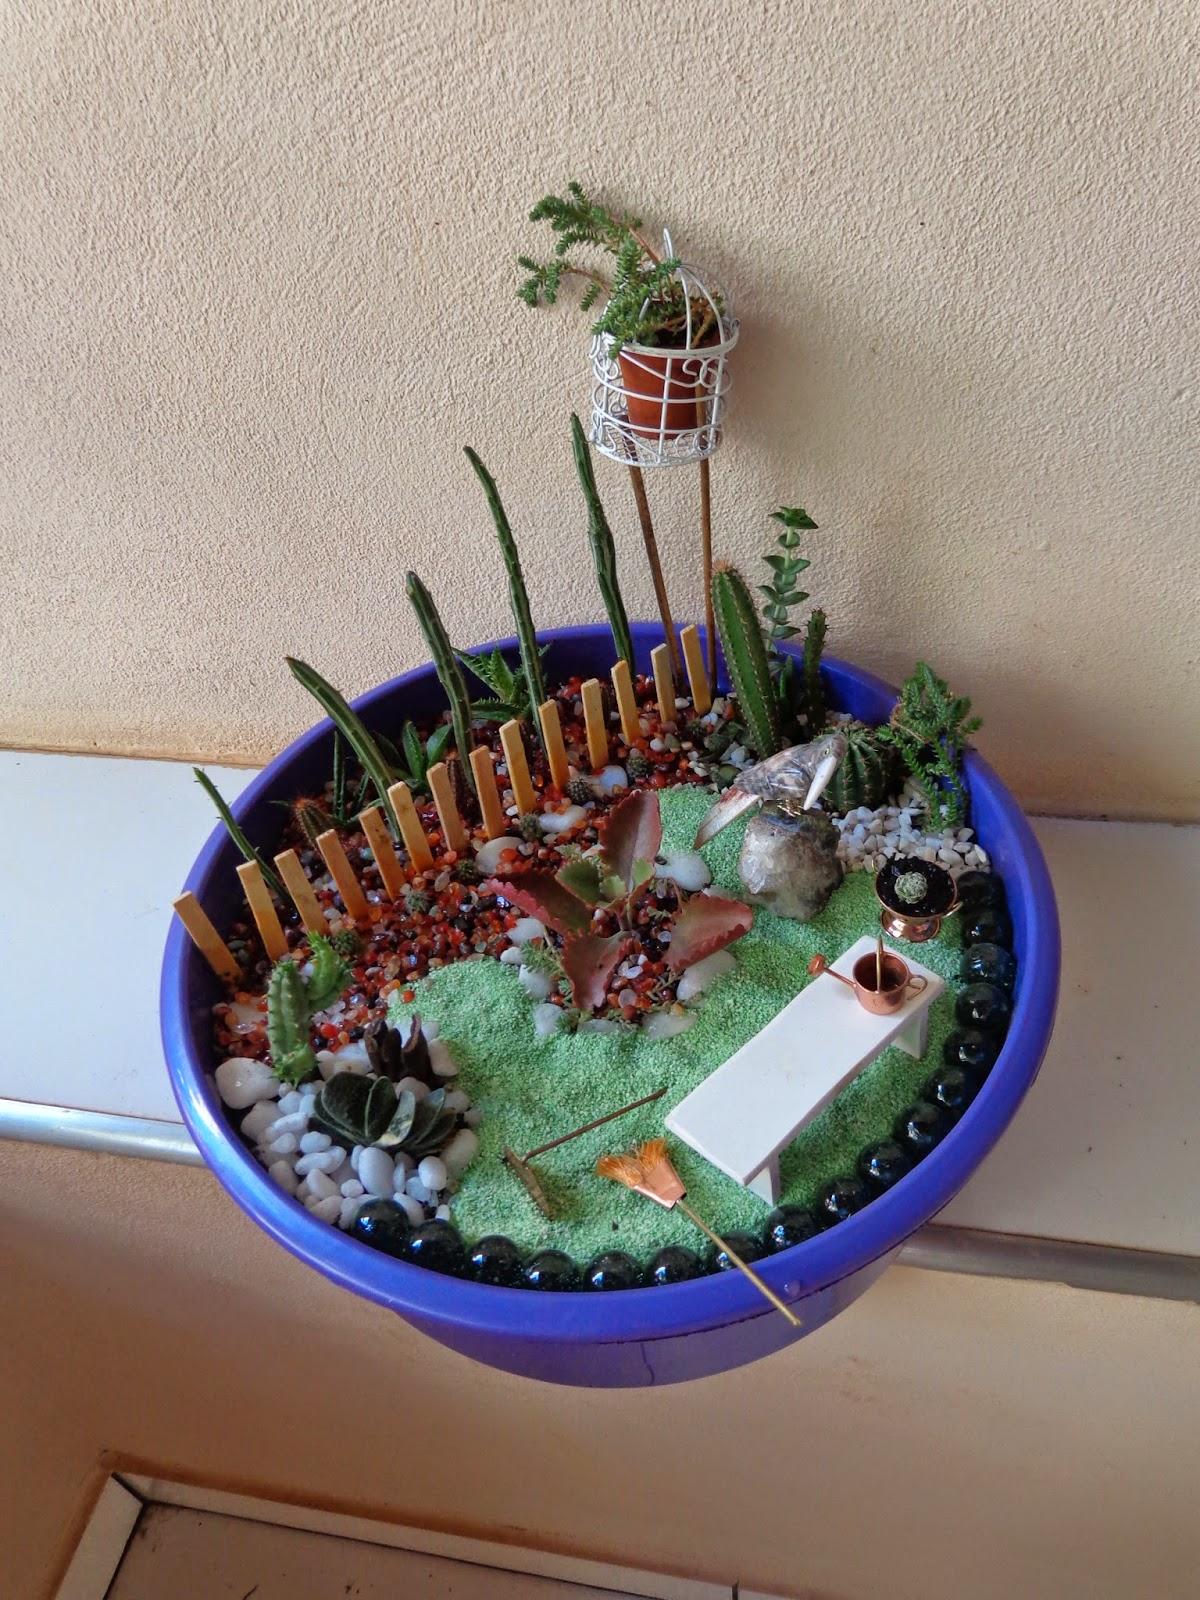 artesanato mini jardim : artesanato mini jardim:Mais um mini-jardim de cactos e suculentas pra inspirar – Diário de